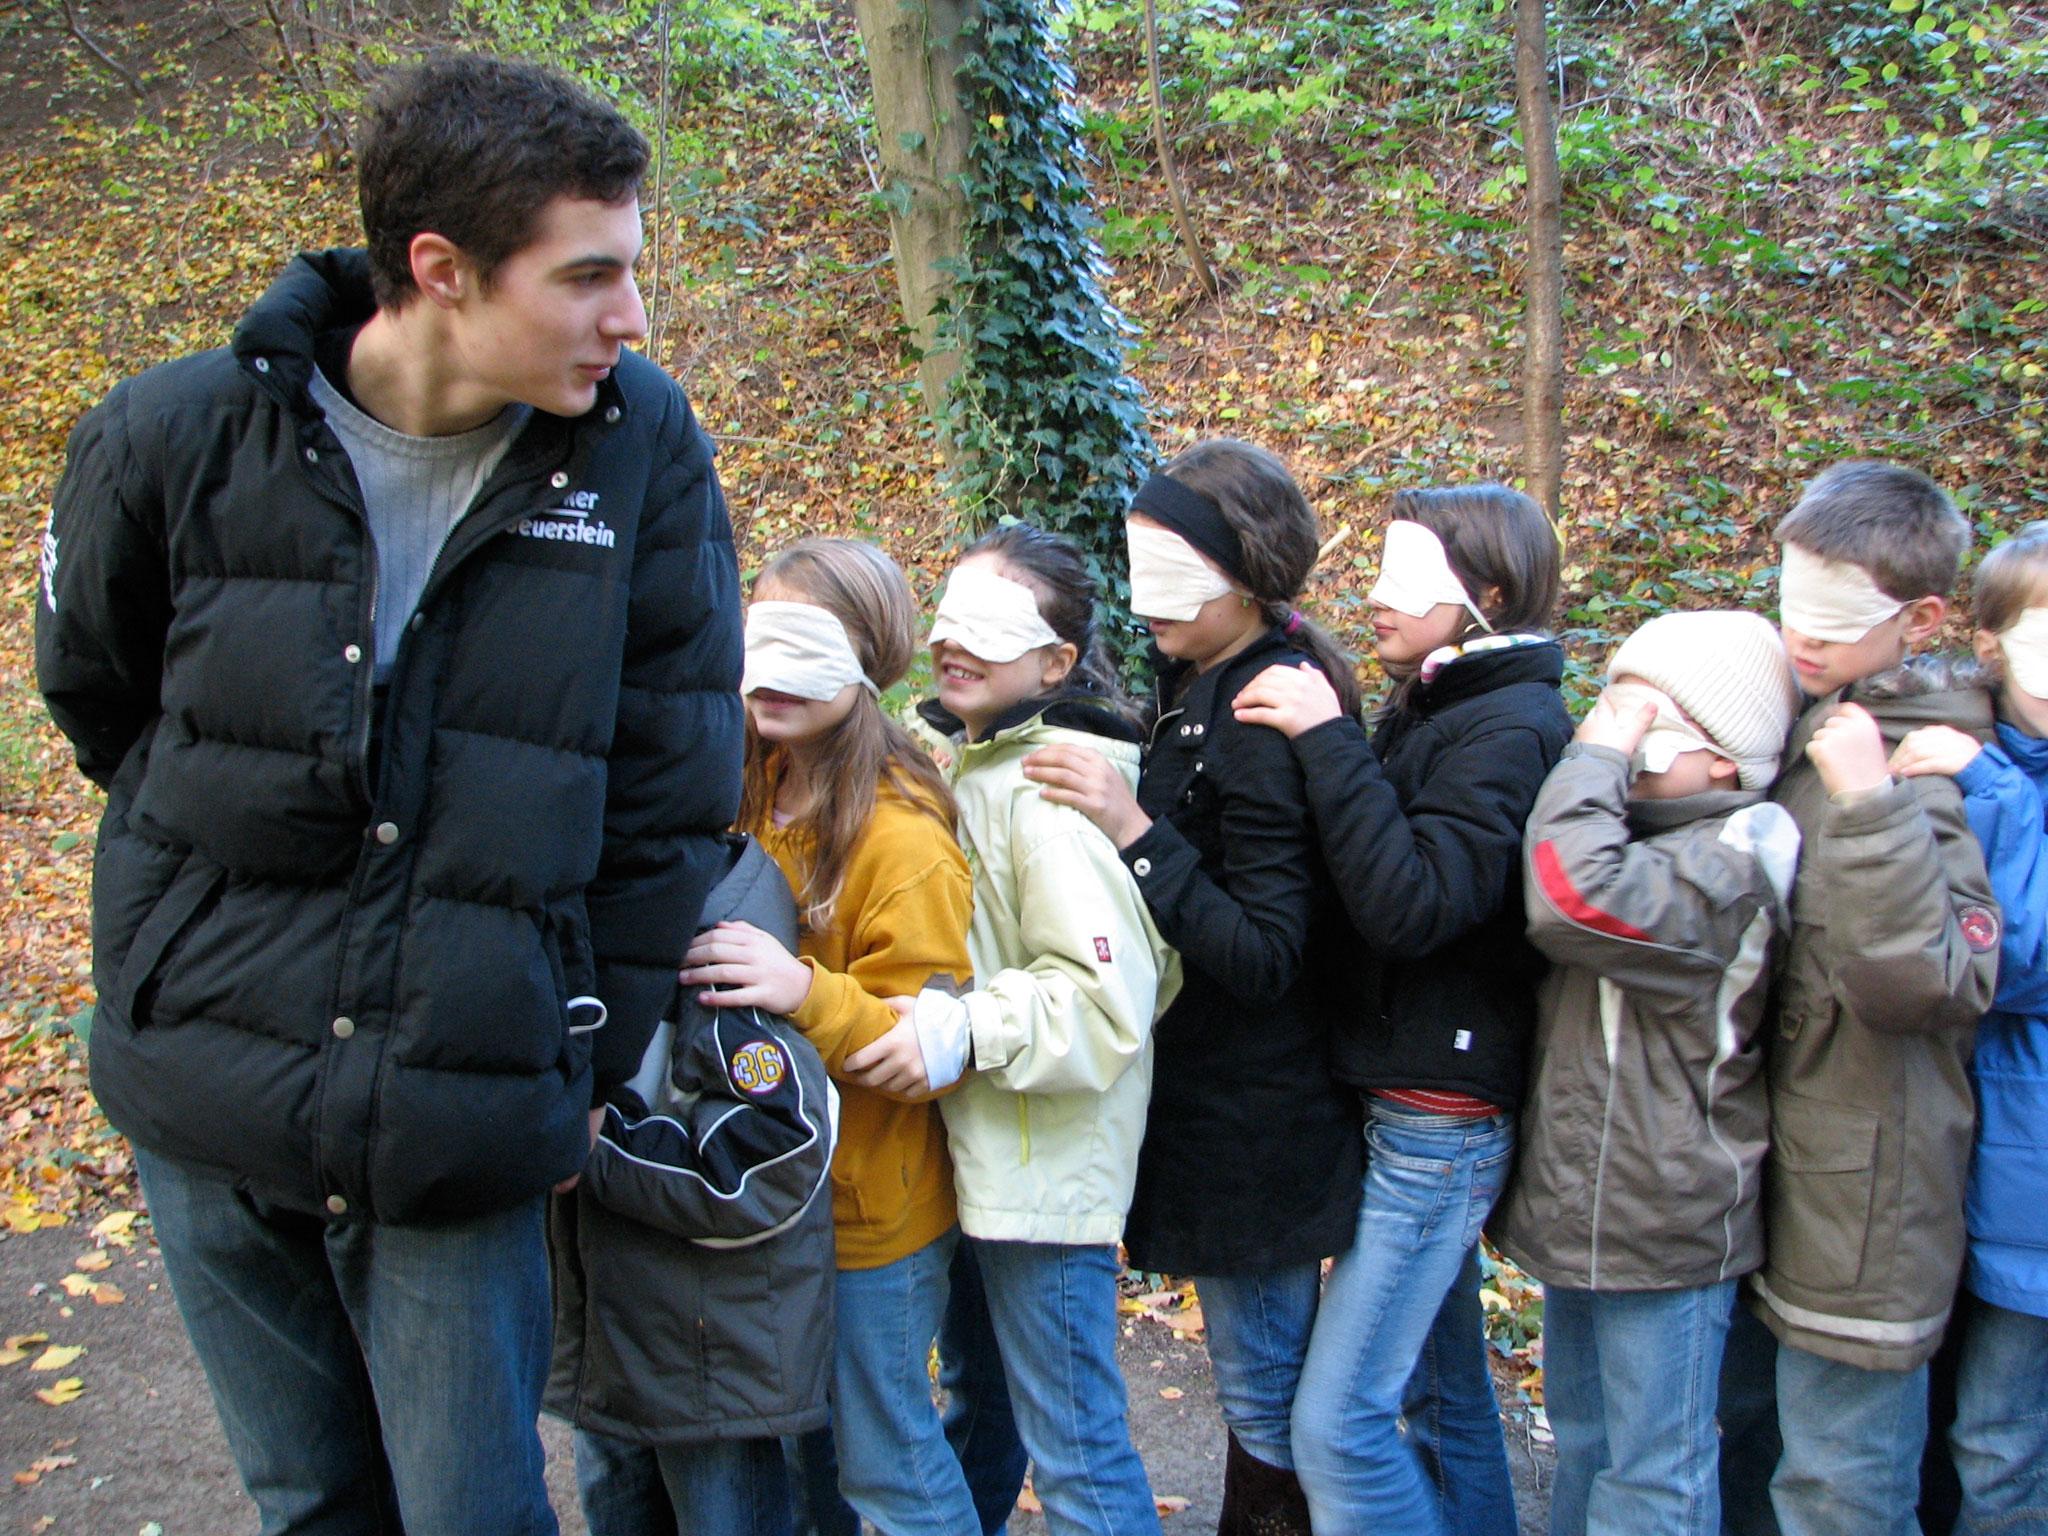 Betreuer führt Kinder mit verbundenden Augen durch den Wald